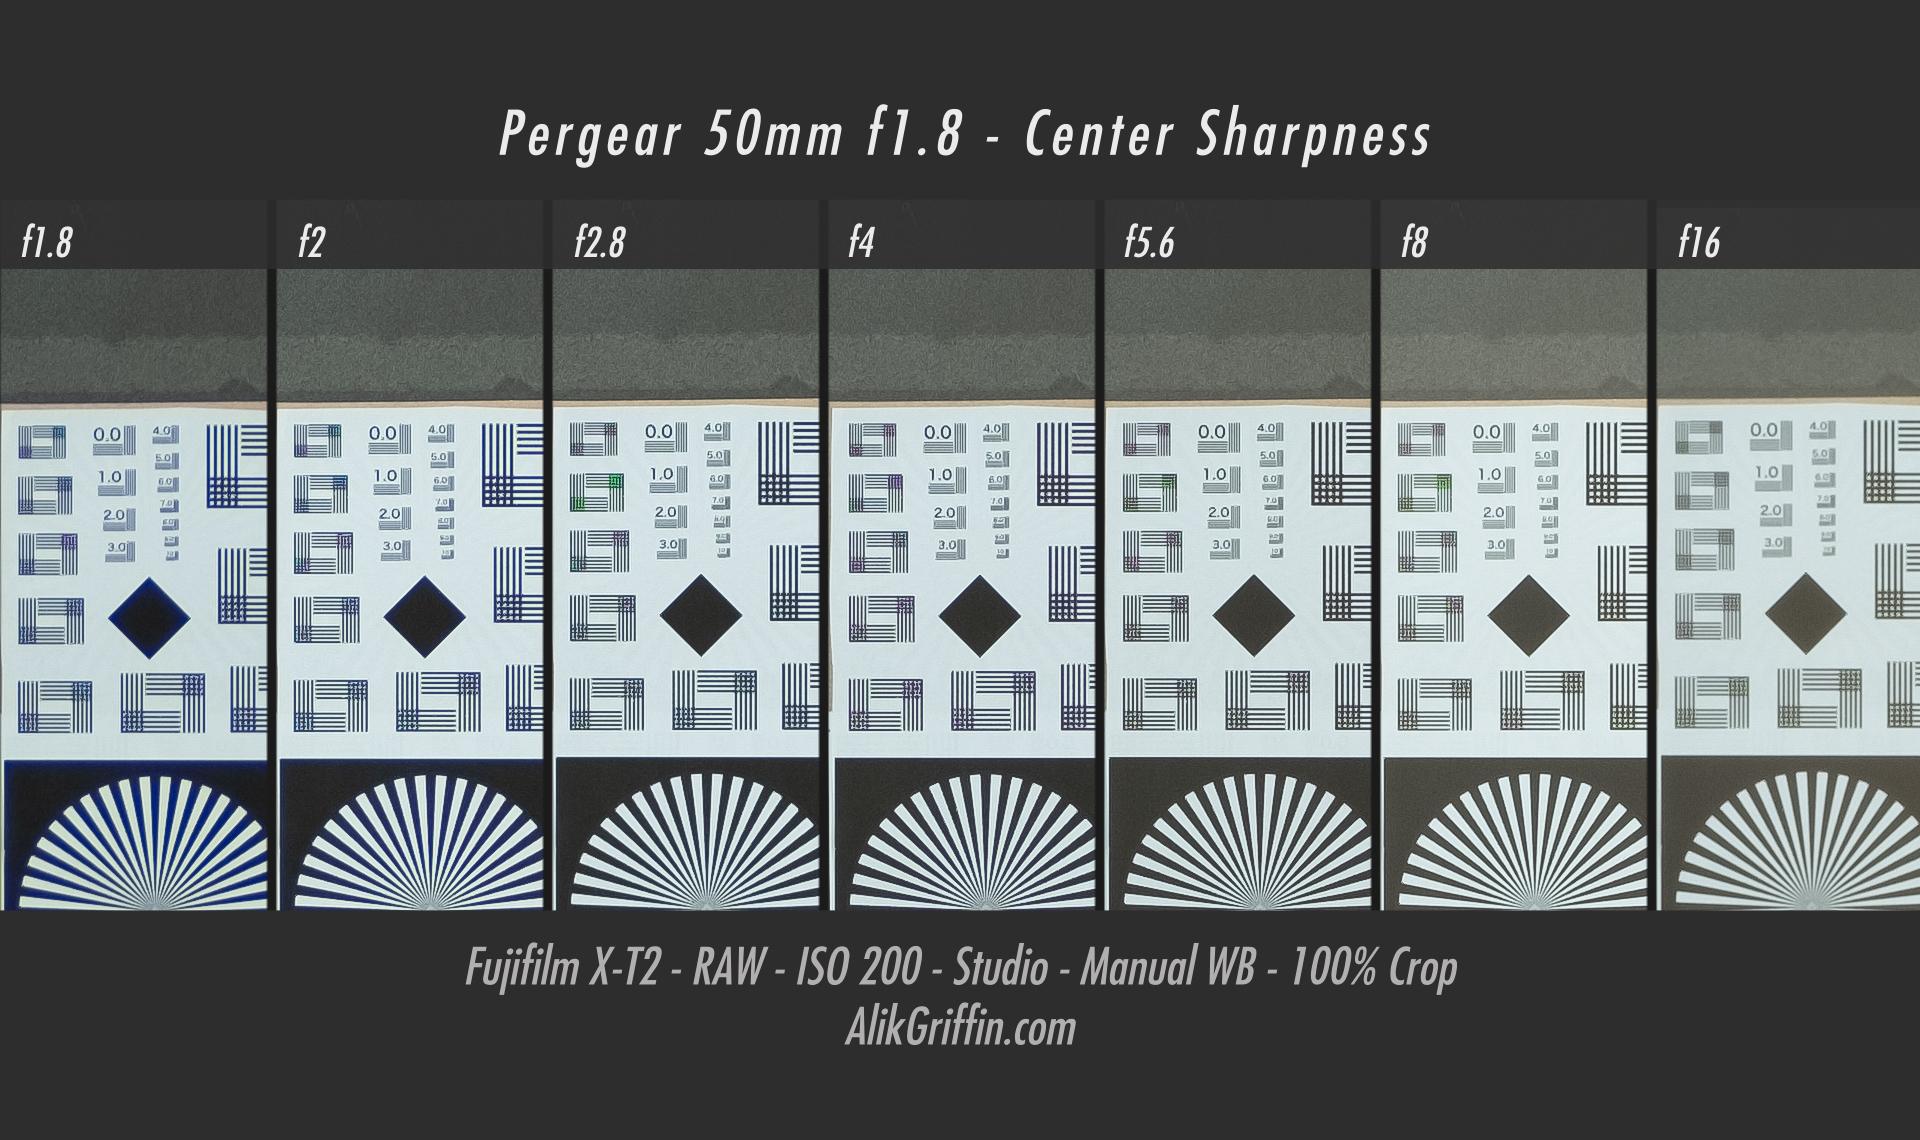 Pergear 50mm f1.8 Center Sharpness